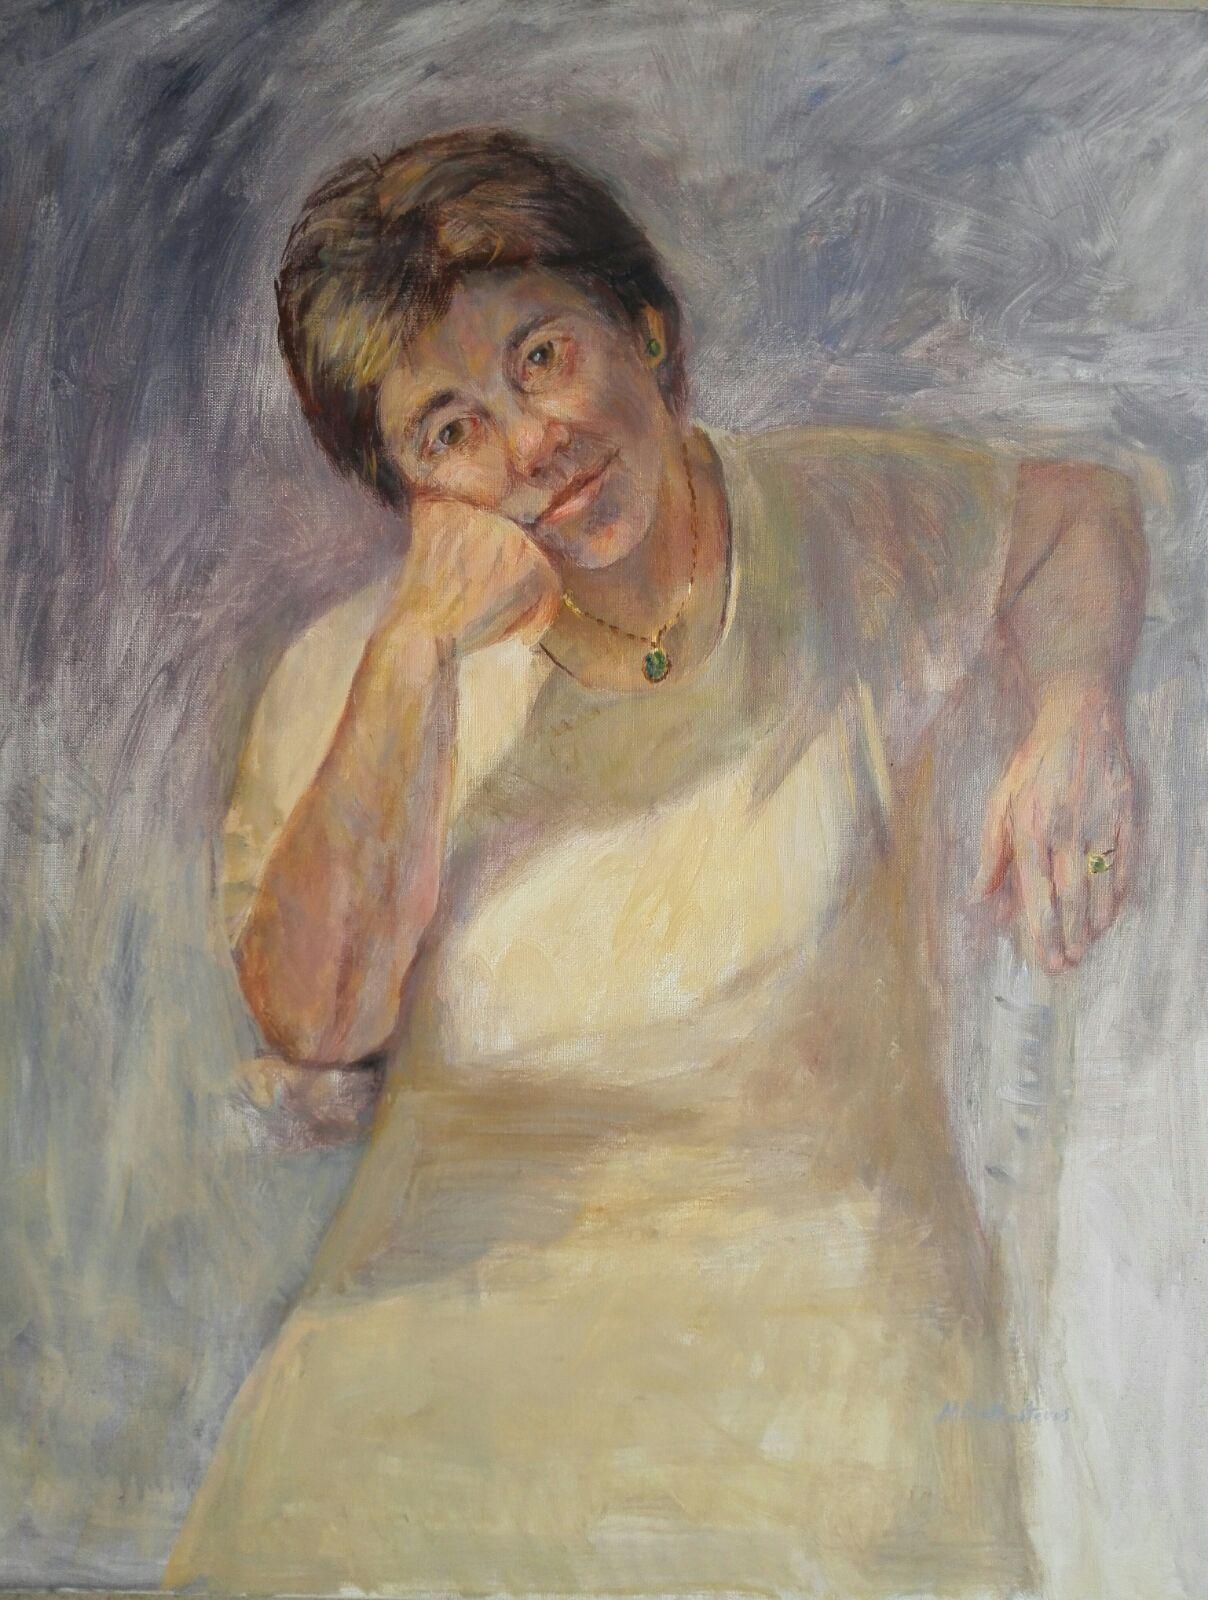 Carmen Valero, del Derecho al Arte